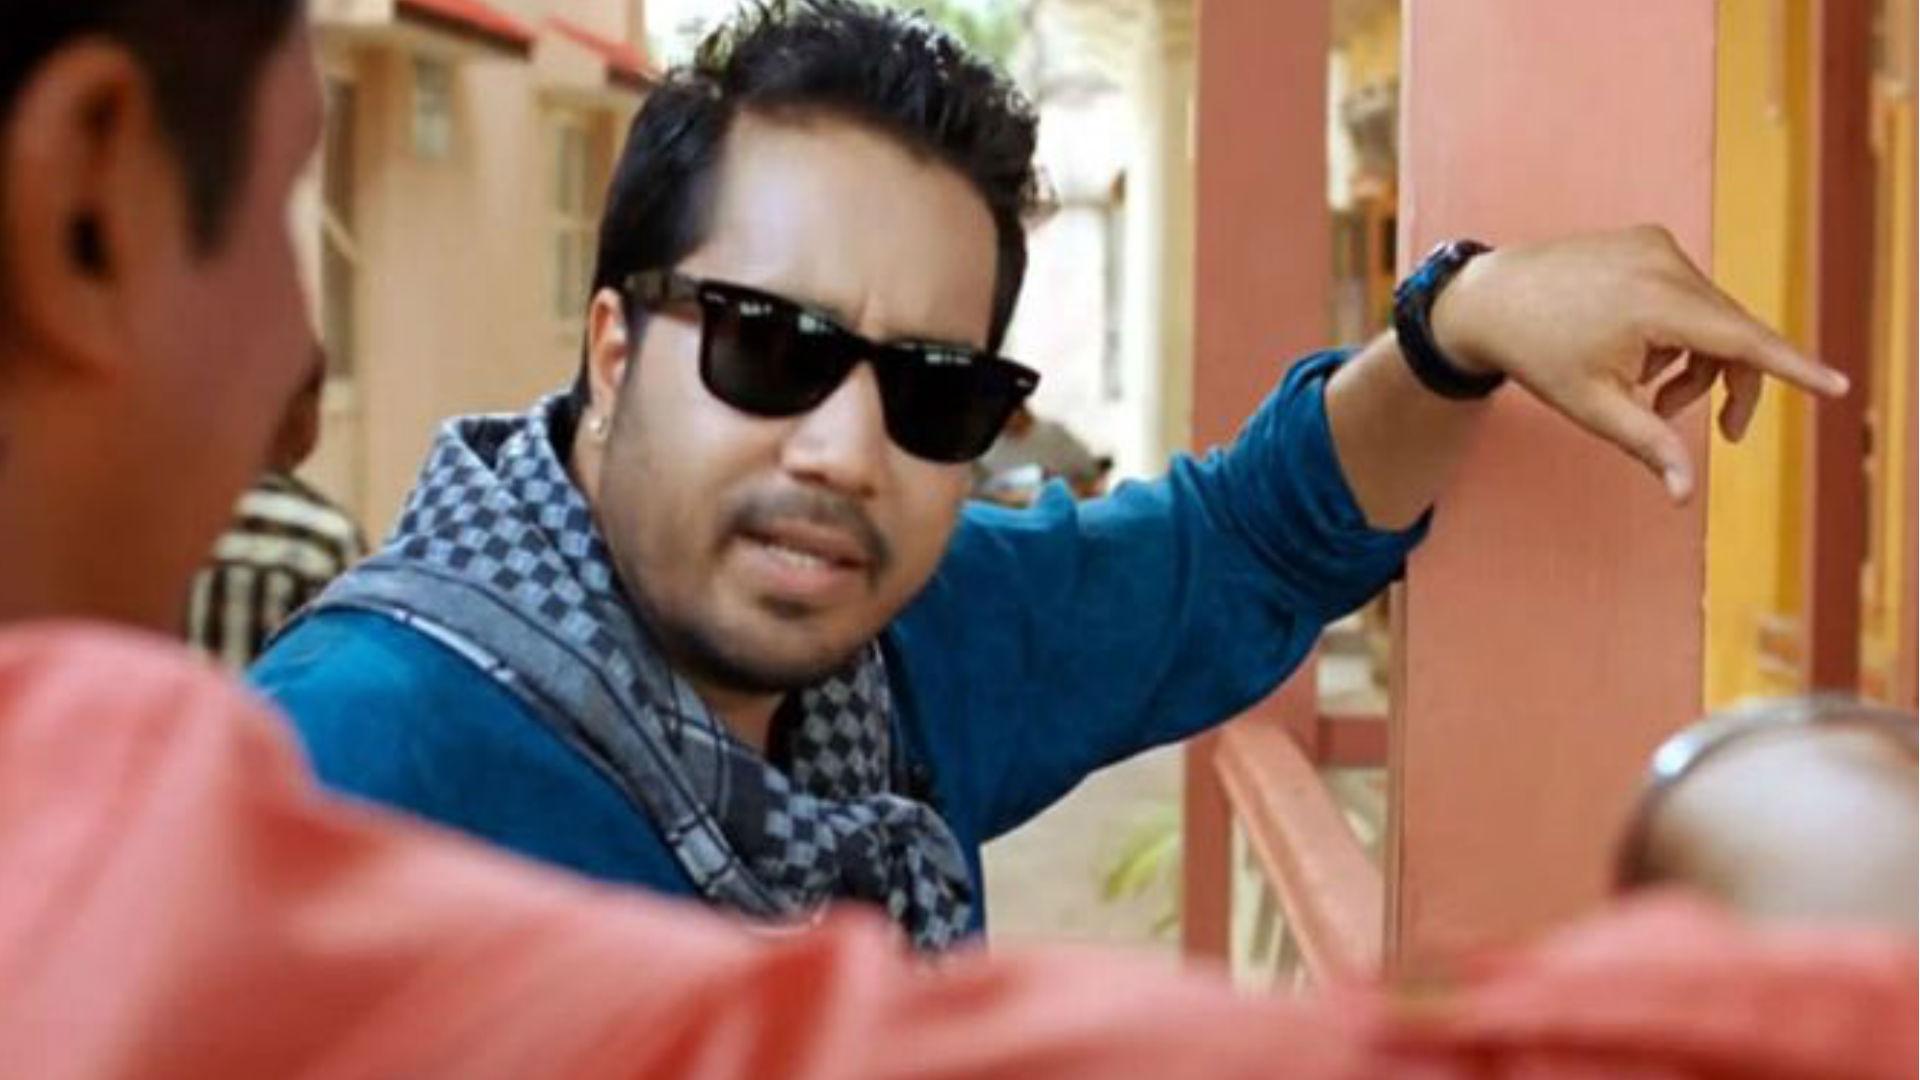 FWICE ने दी चेतावनी- मीका सिंह के साथ काम करने वाले हर एक्टर-फिल्ममेकर पर भी लगेगा बैन